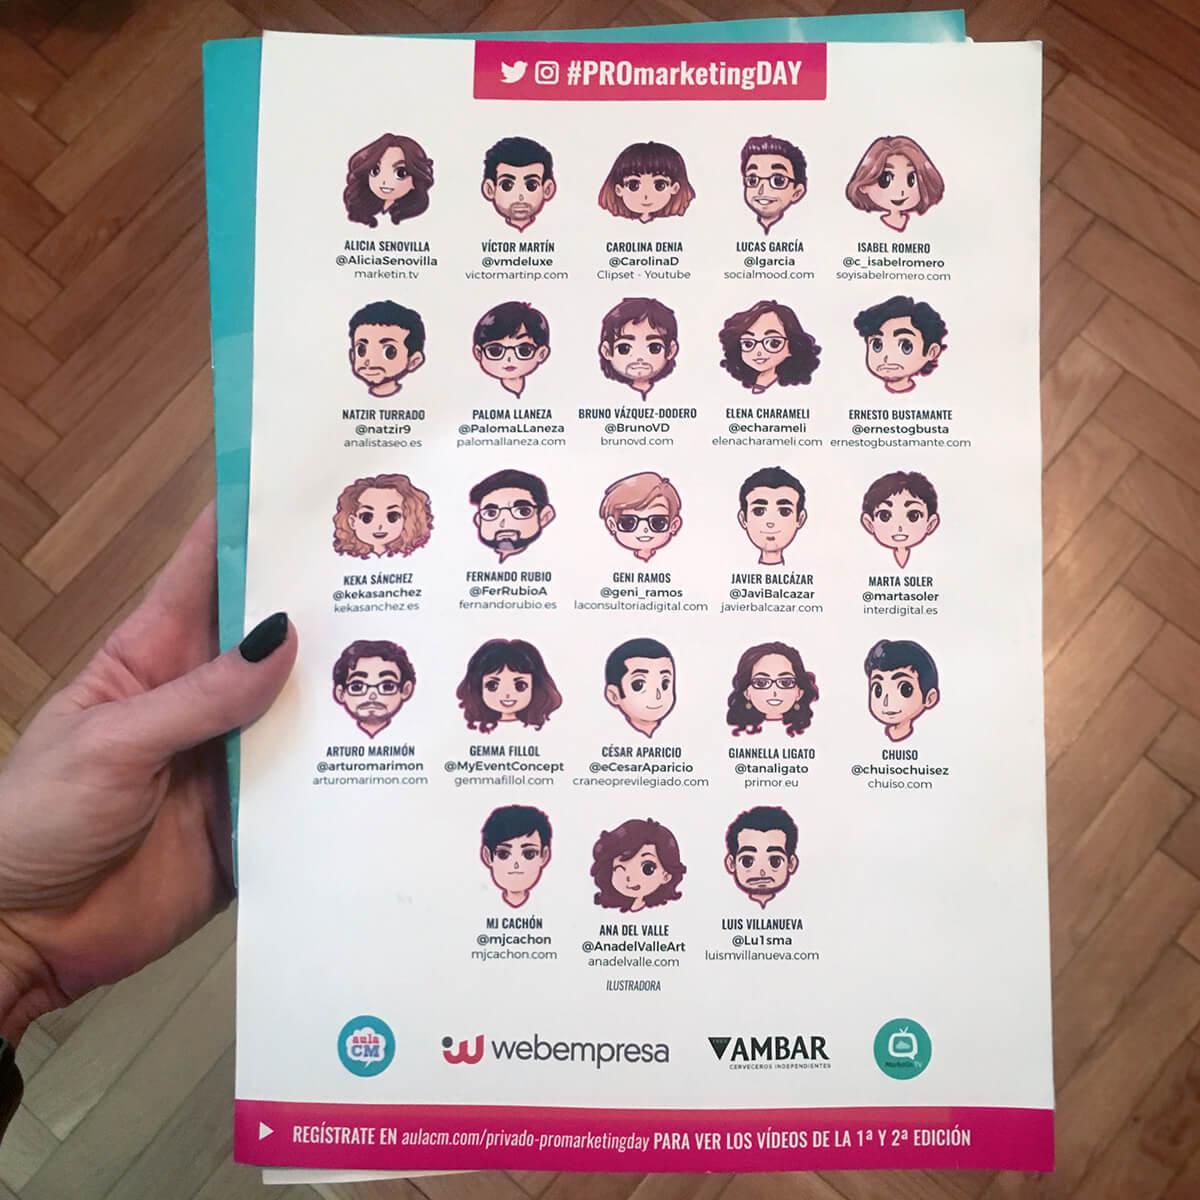 Ponentes Pro Marketing Day en el catálogo